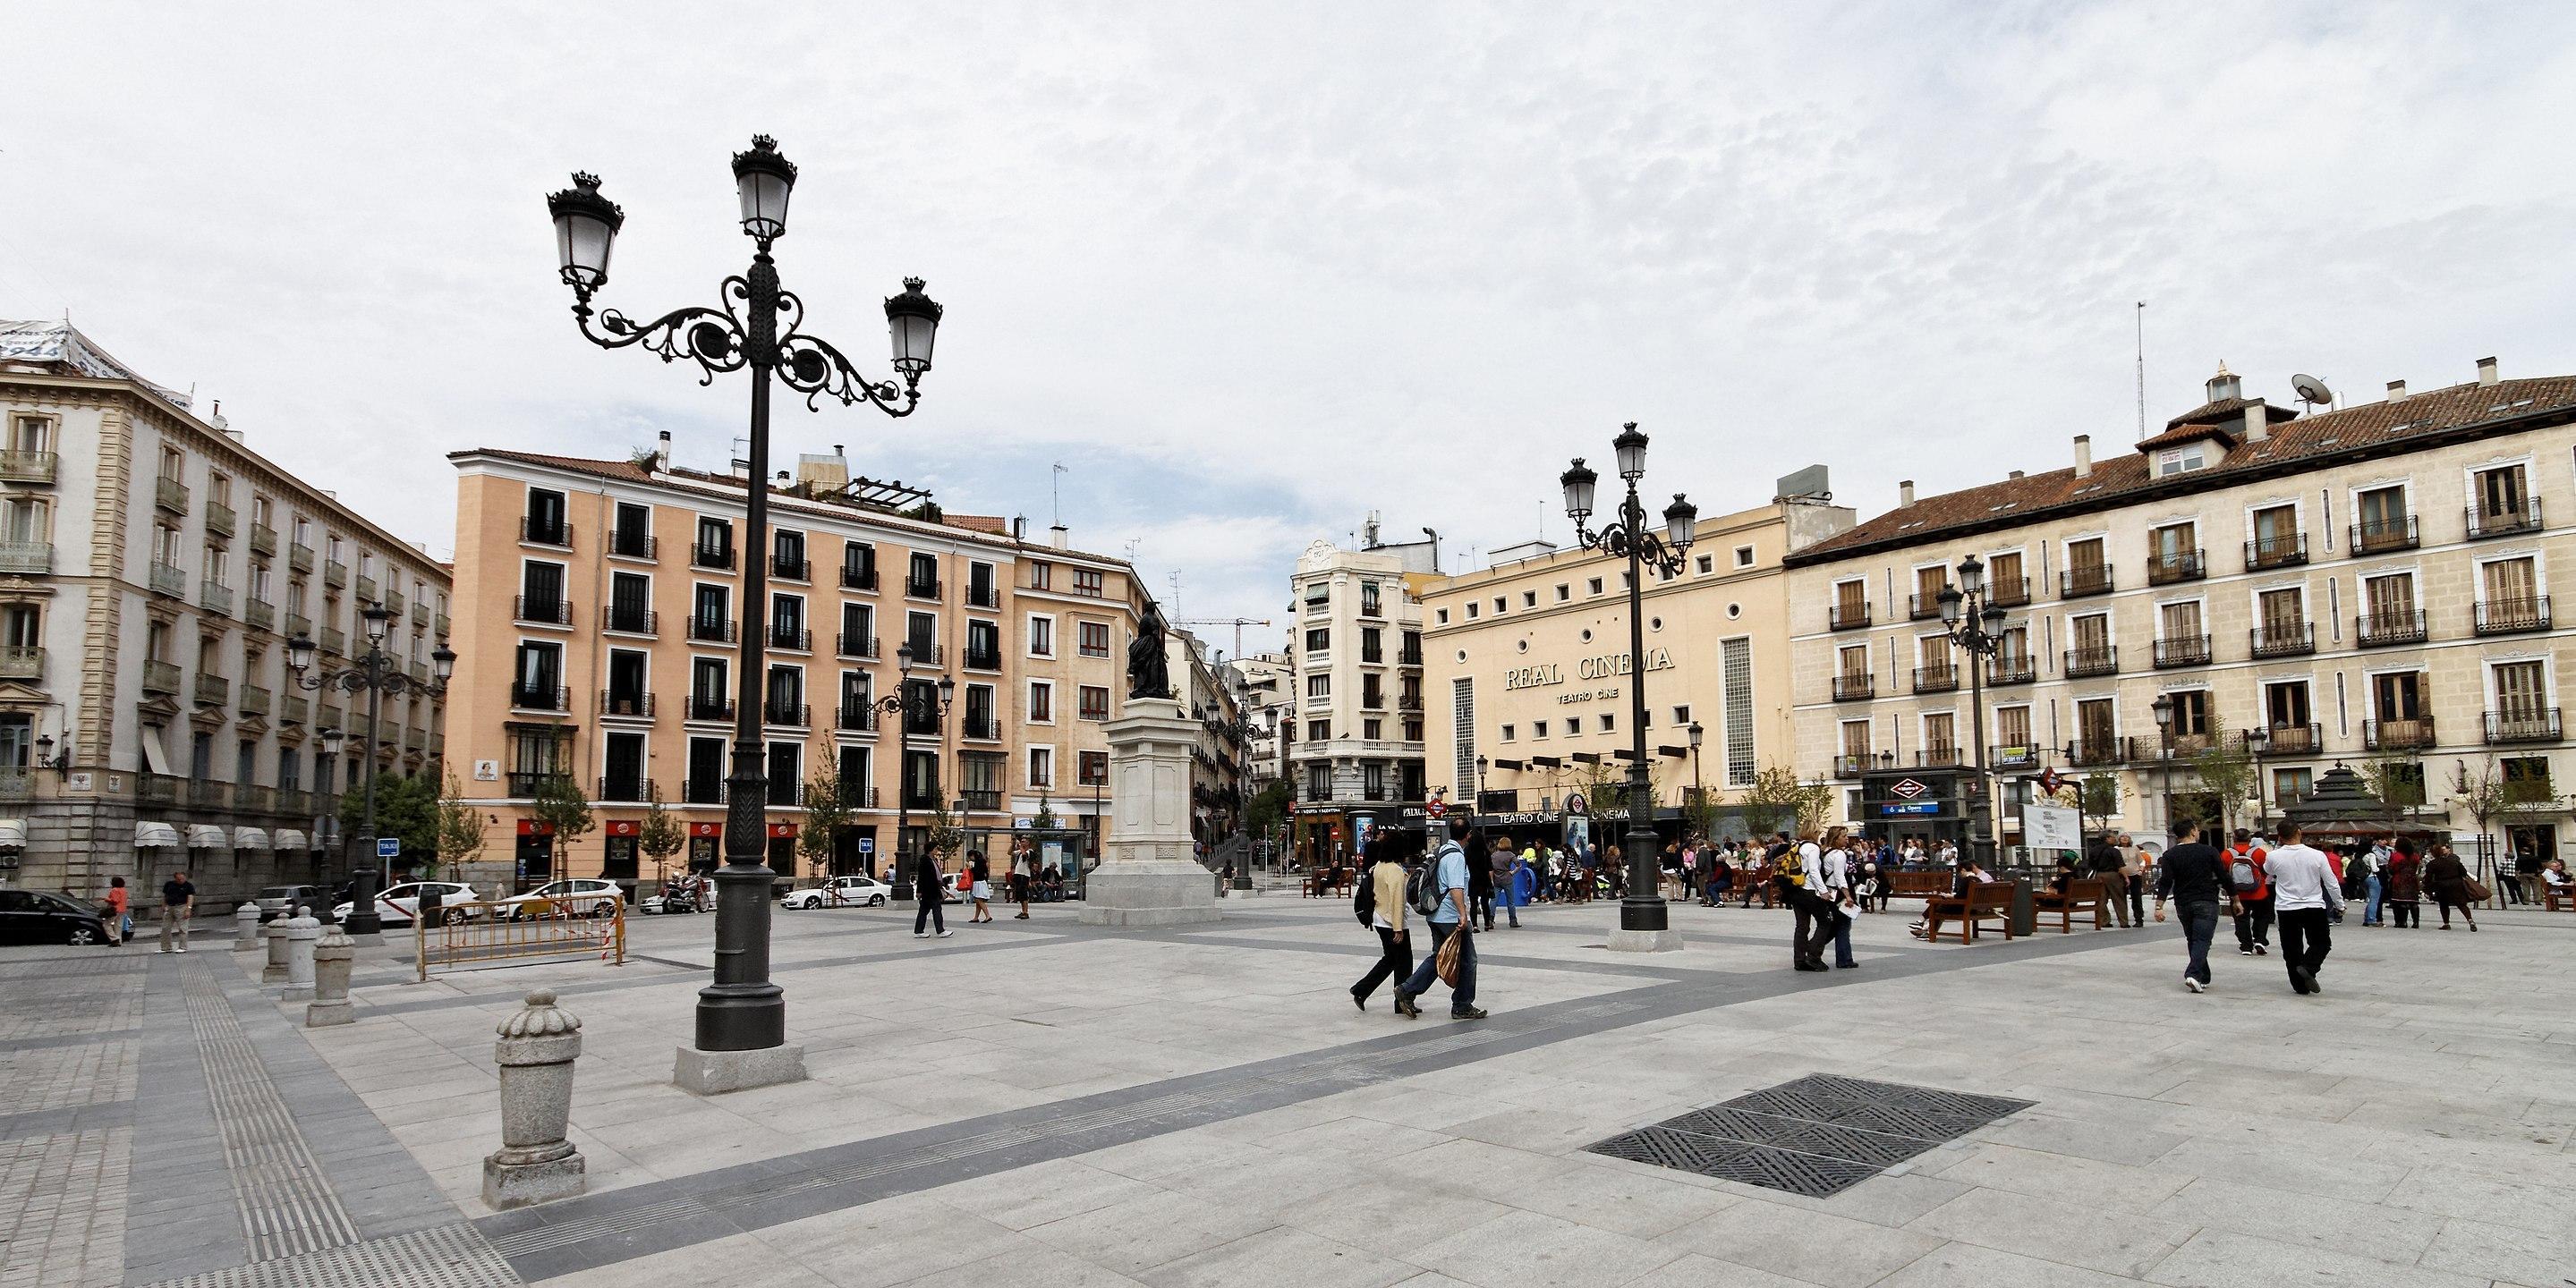 Plaza de Ópera